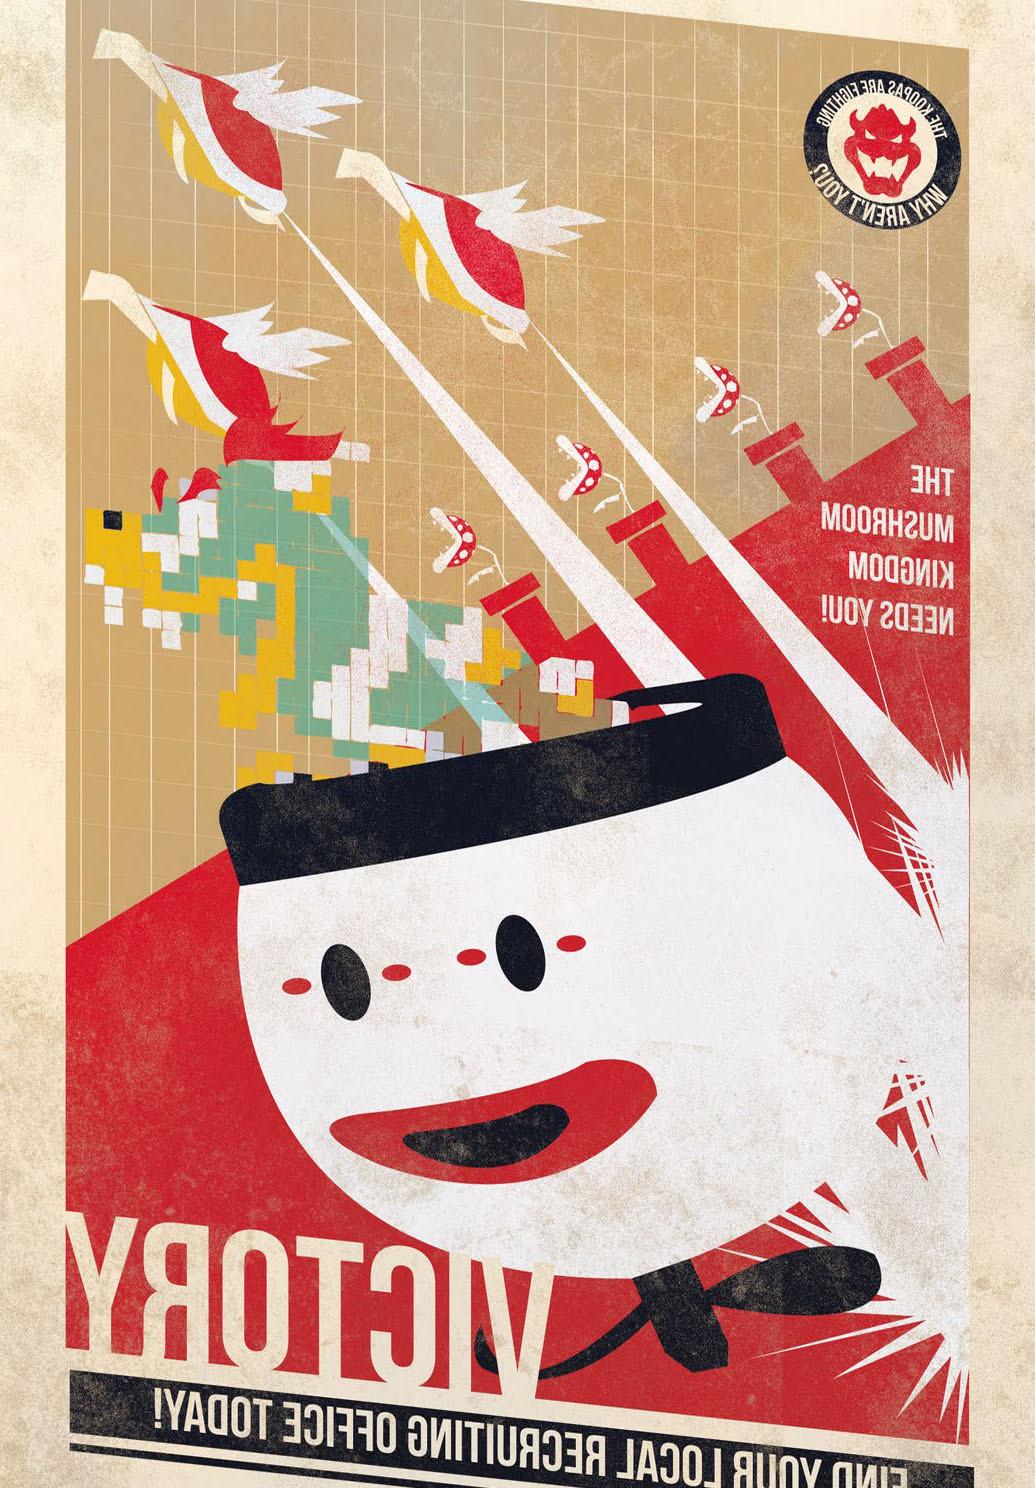 デスクトップ壁紙 グラフィックデザイン ポスター 広告 アート